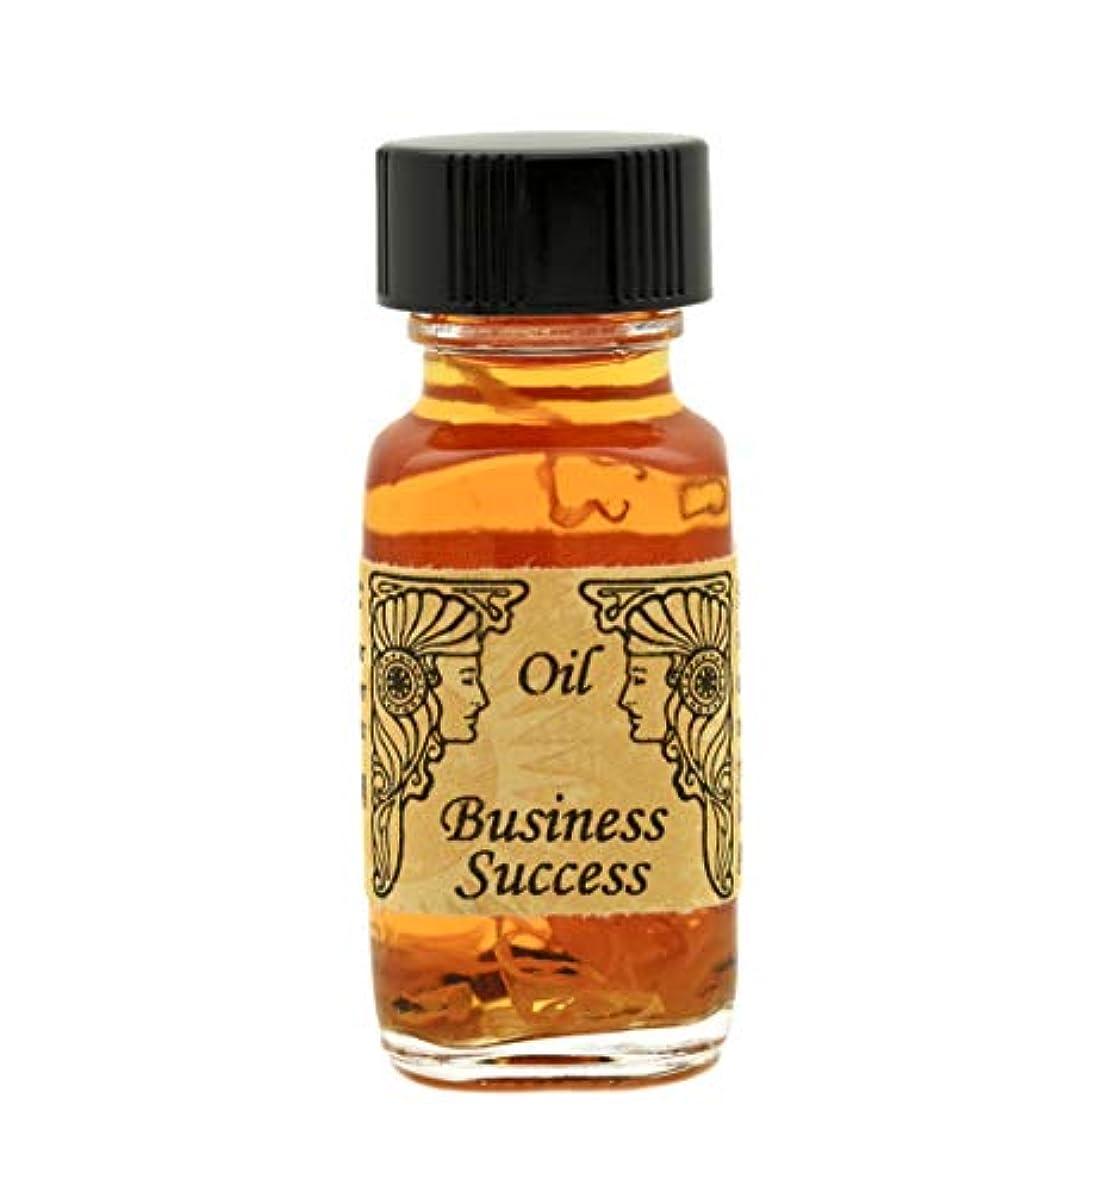 潤滑する談話段落アンシェントメモリーオイル 2015年新作 Business Success (ビジネスの成功)